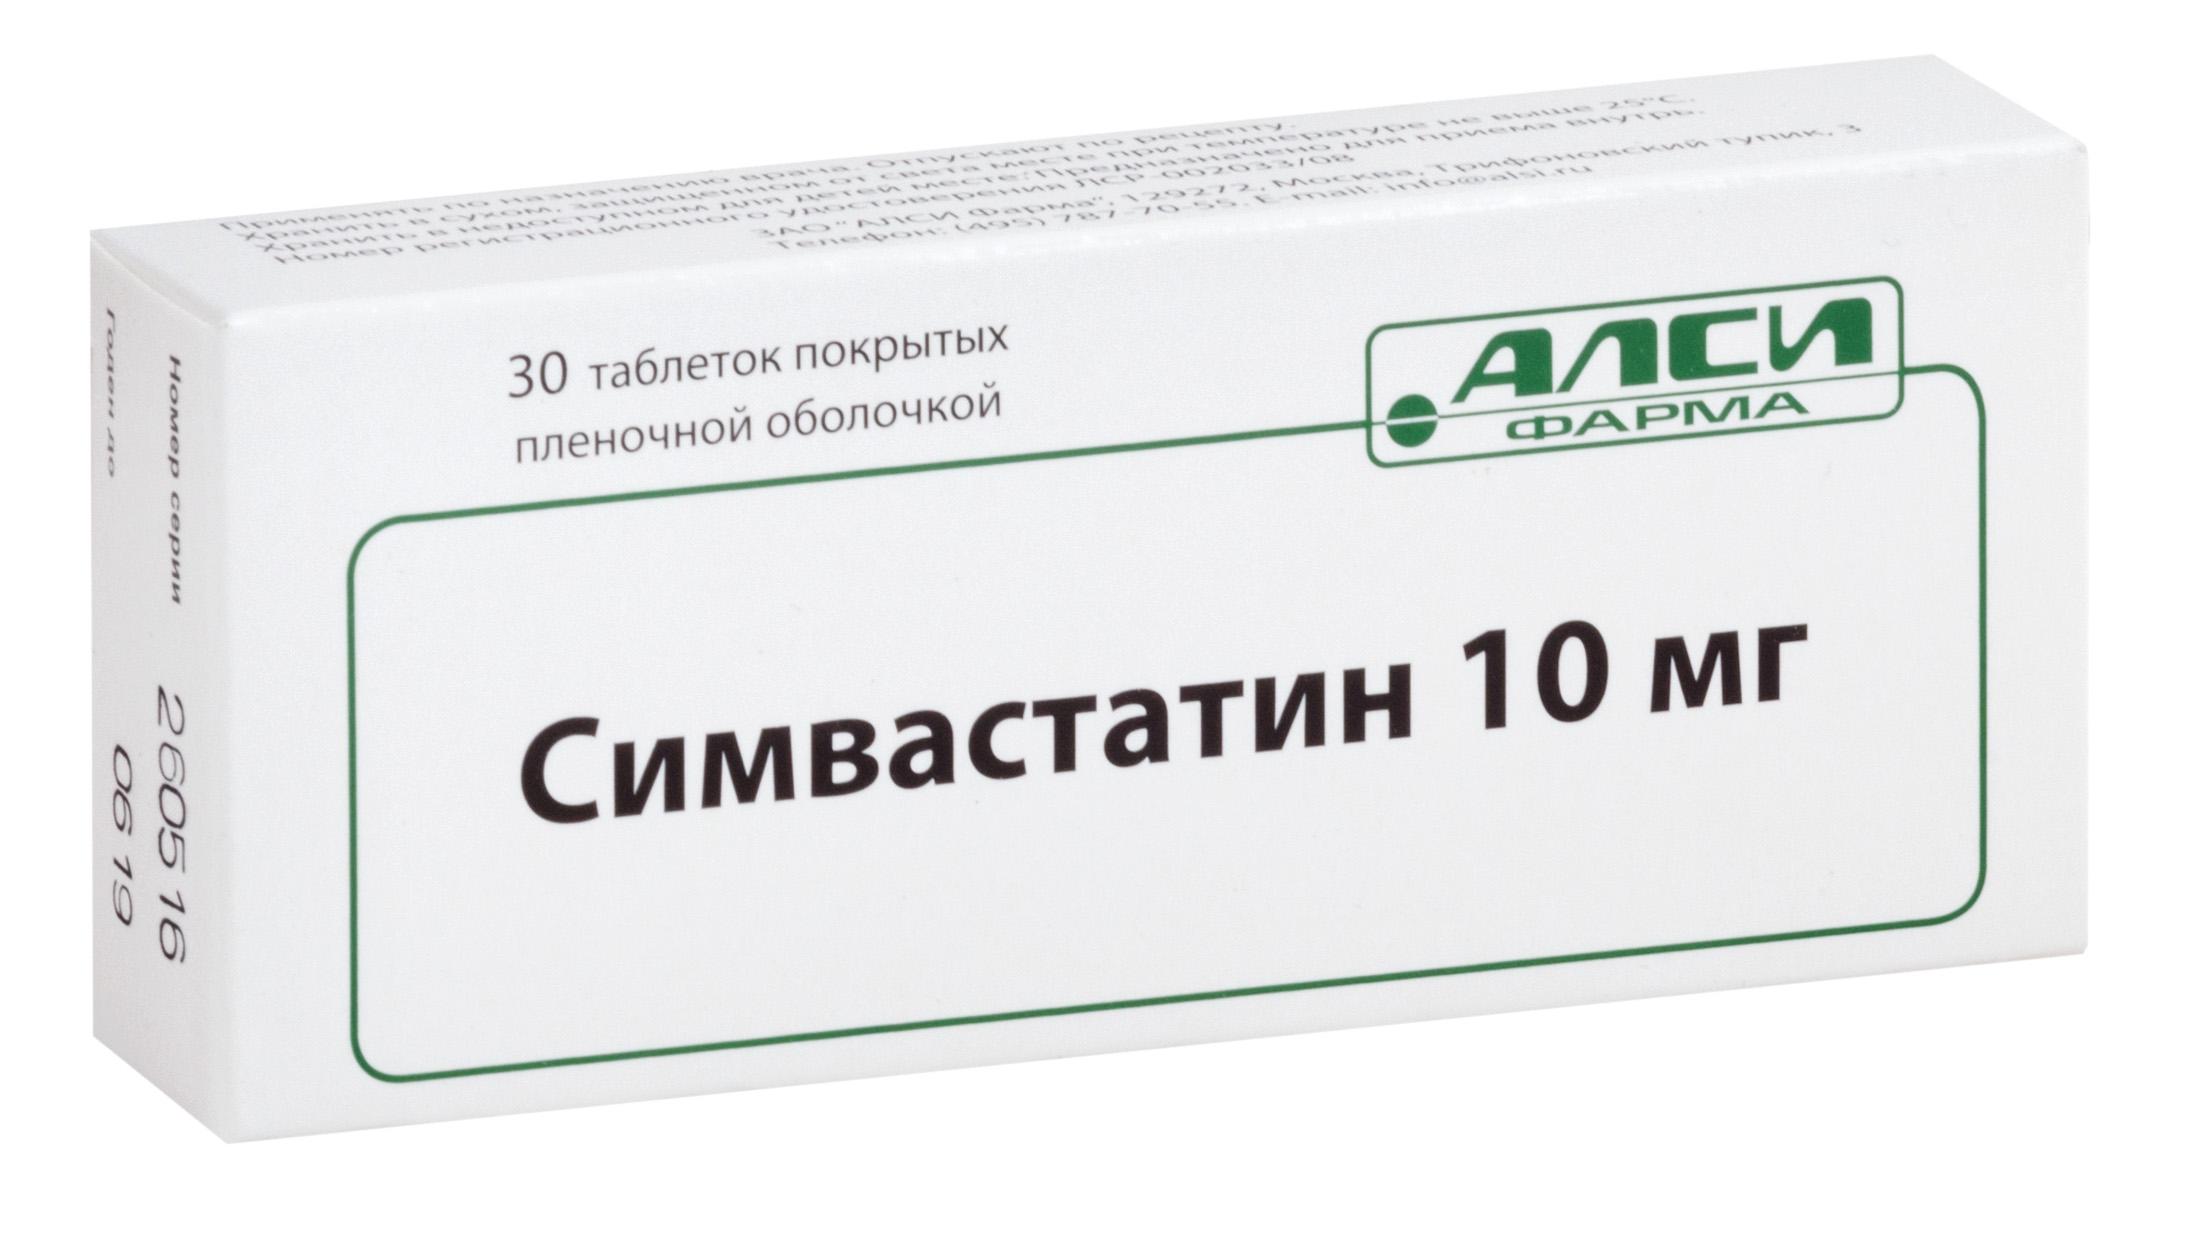 Симвастатин таб. п.о 10мг n30